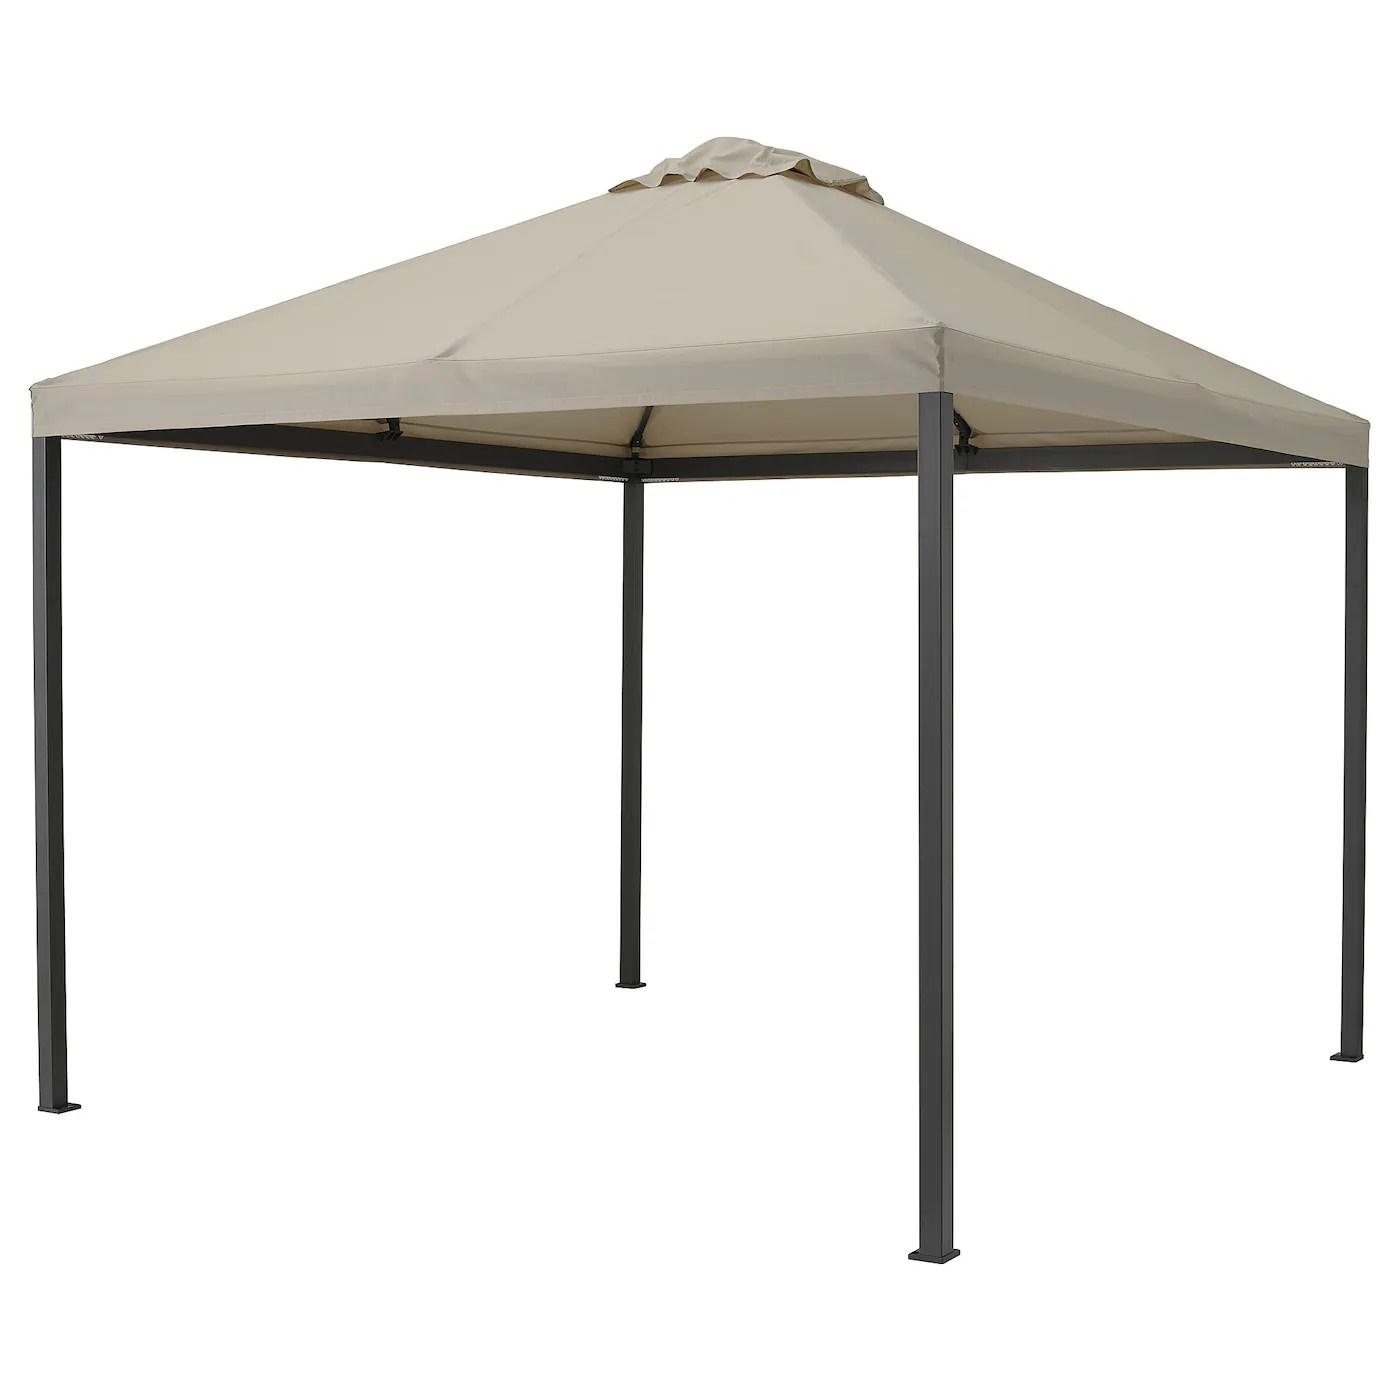 Asta di manovra per tende da sole. Gazebo Ikea It